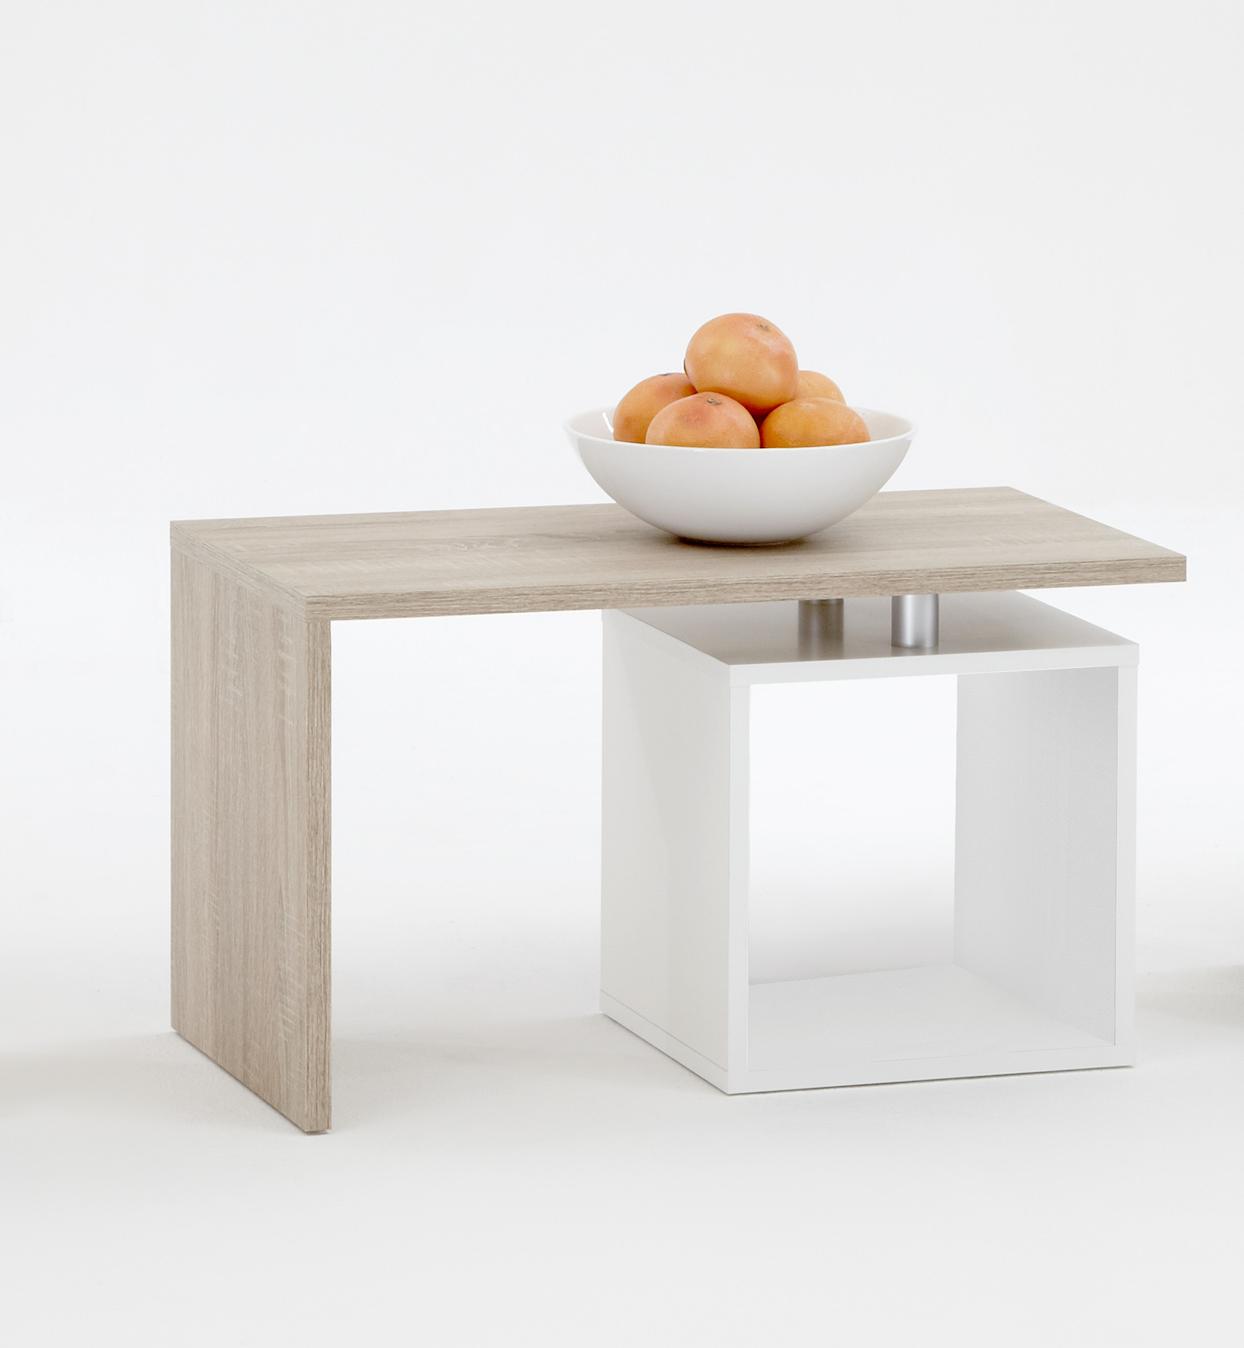 klara beistelltisch von fmd eiche wei. Black Bedroom Furniture Sets. Home Design Ideas